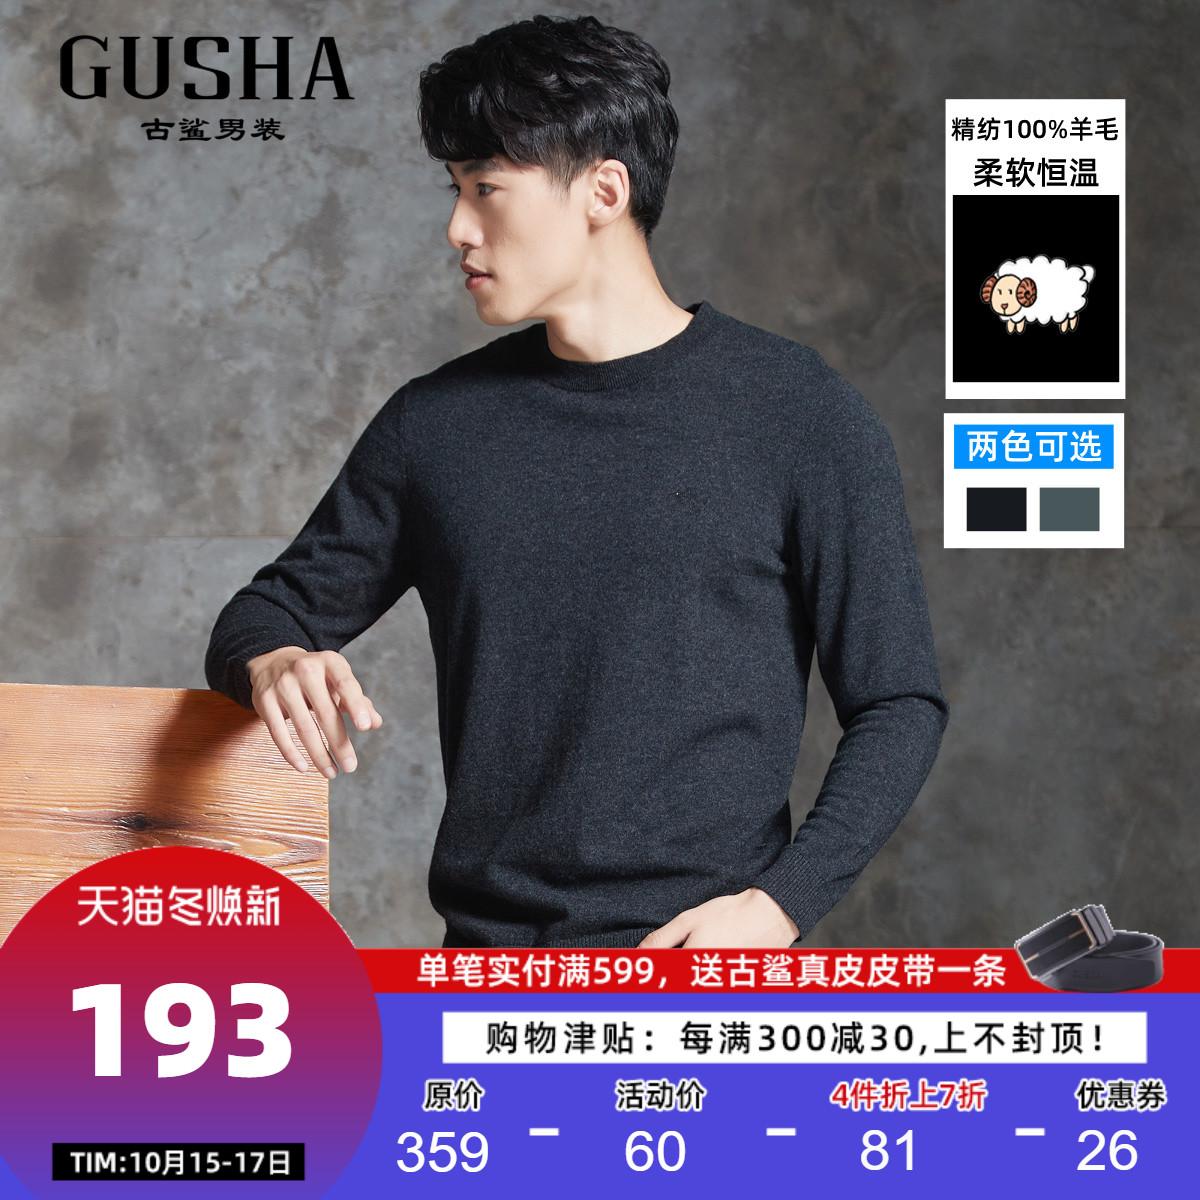 古鲨男装旗舰店2021秋季新品两色100%纯羊毛灰色圆领套保暖羊毛衫